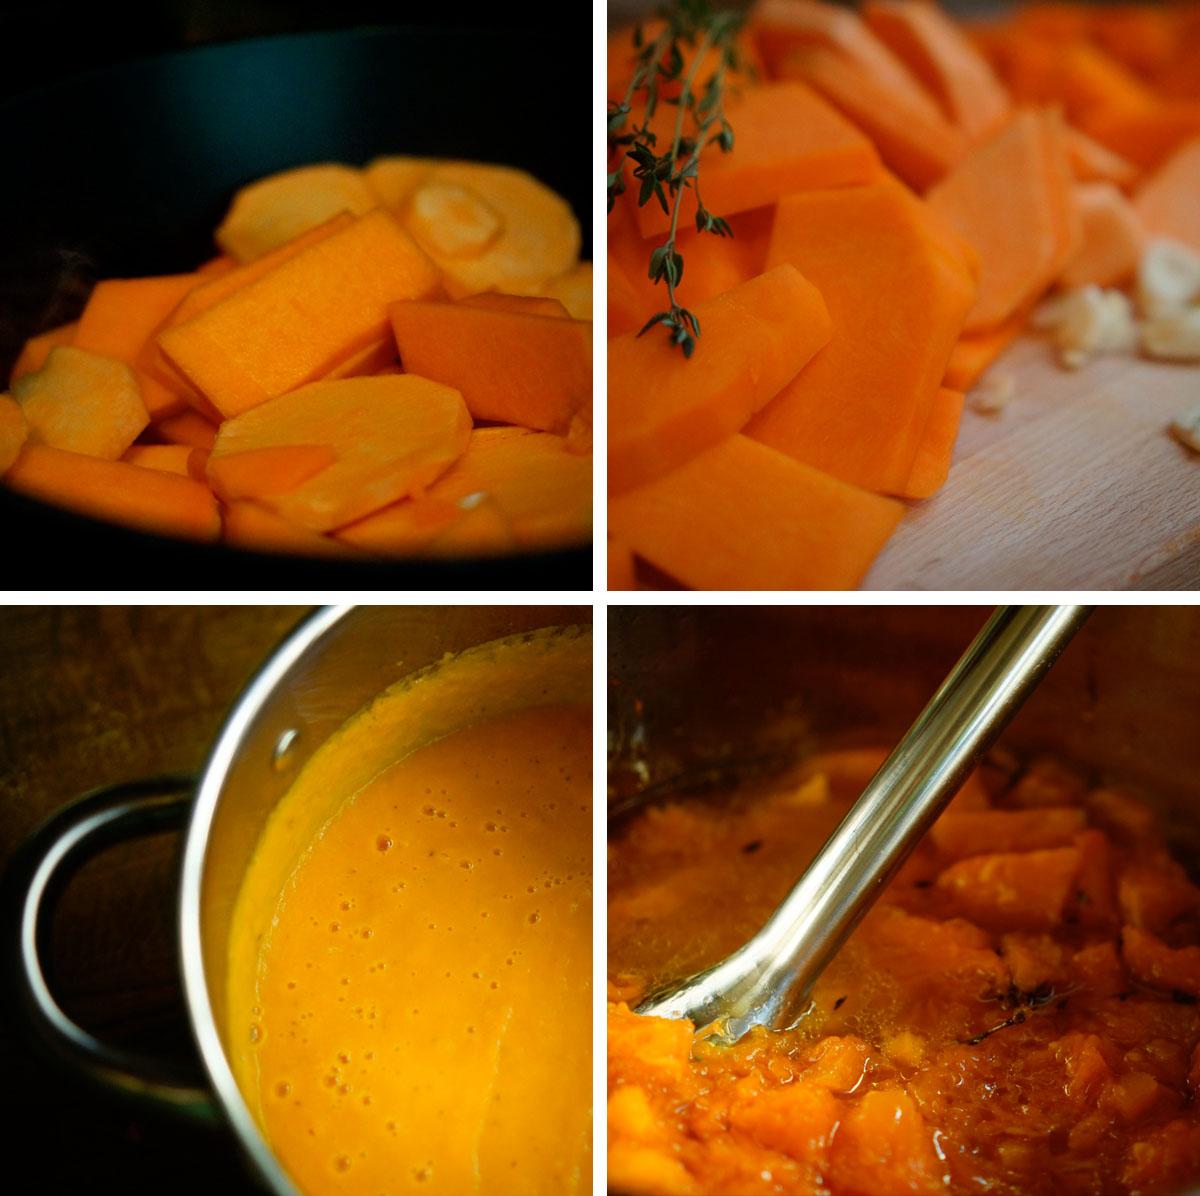 pumpkinsoupbattachips_gavisious7